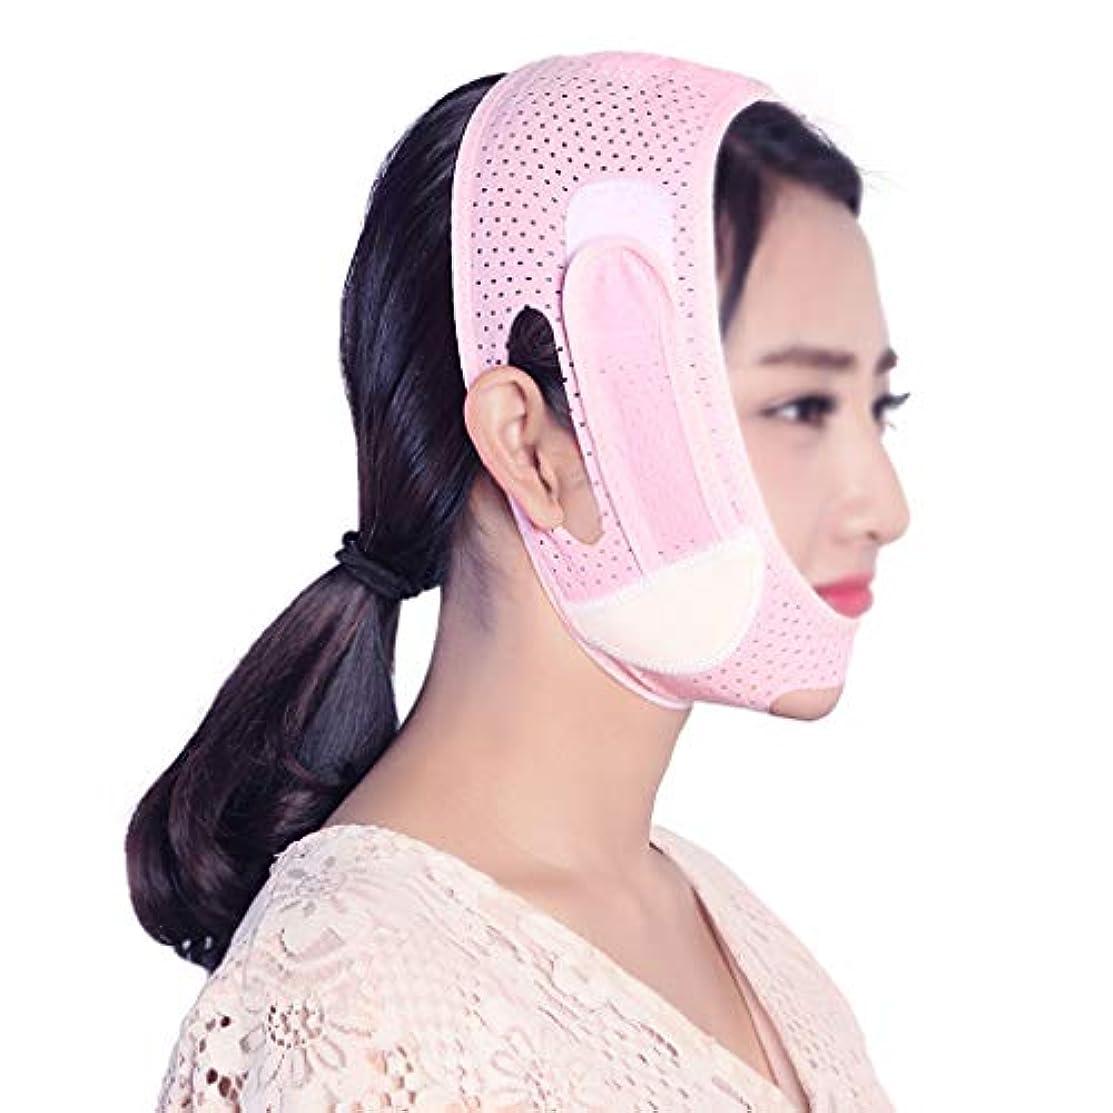 間接的落ち着いてねじれGLJJQMY スリムな包帯フェイシャルトリートメント強化フェイシャルチークV型アンチリンクルダブルチンビューティツール 顔用整形マスク